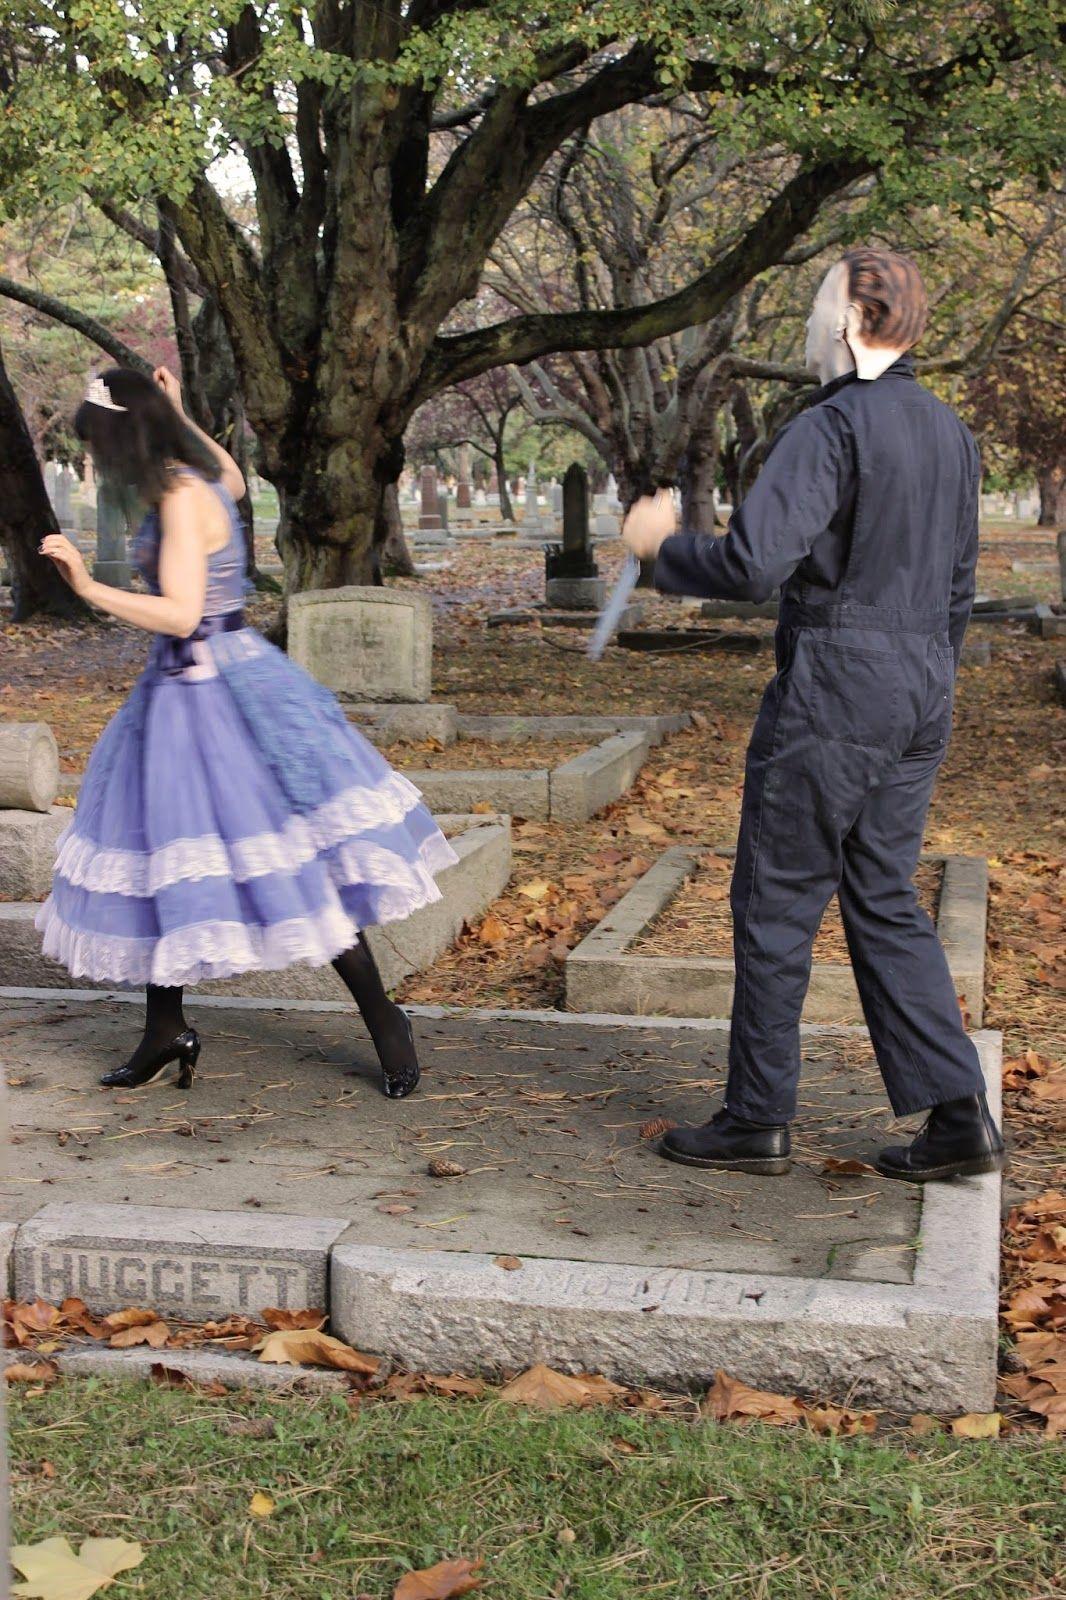 Halloween DEAD PROM QUEEN, DIY HALLOWEEN COSTUMES